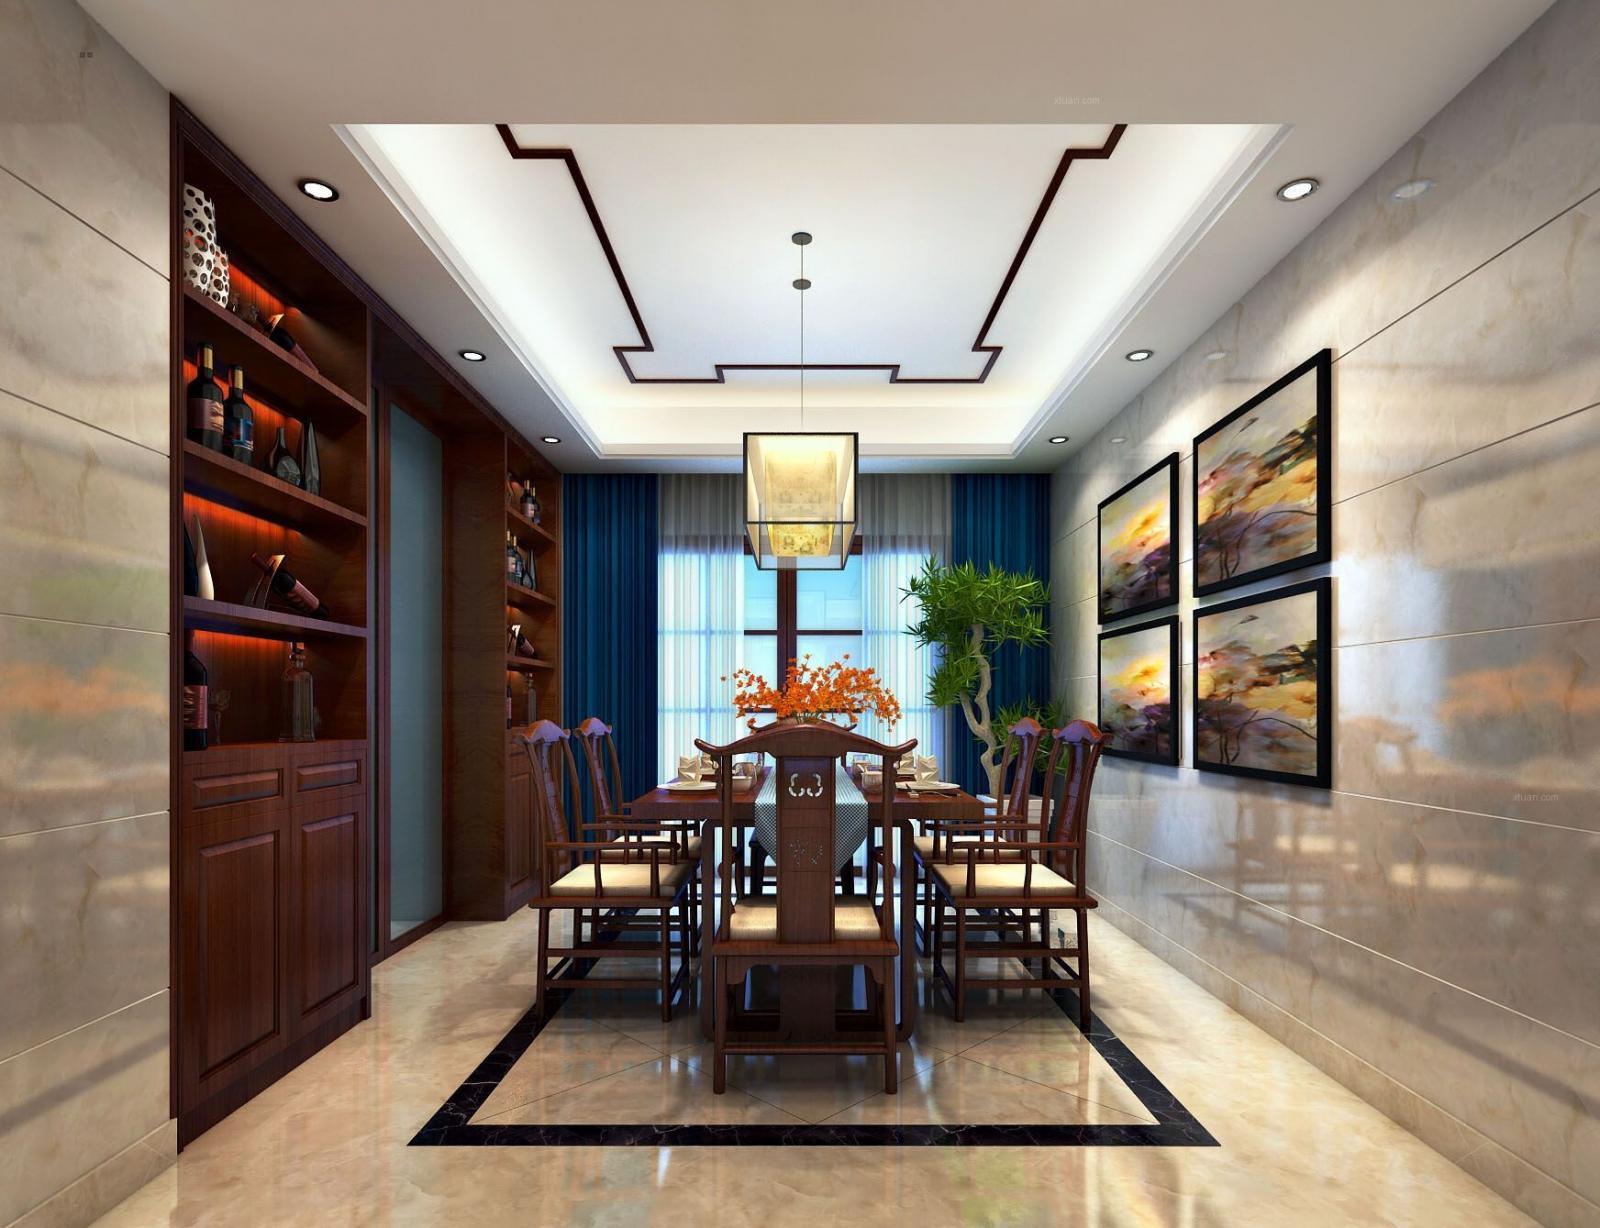 三室两厅中式风格餐厅_新新家园装修效果图-x团装修网图片